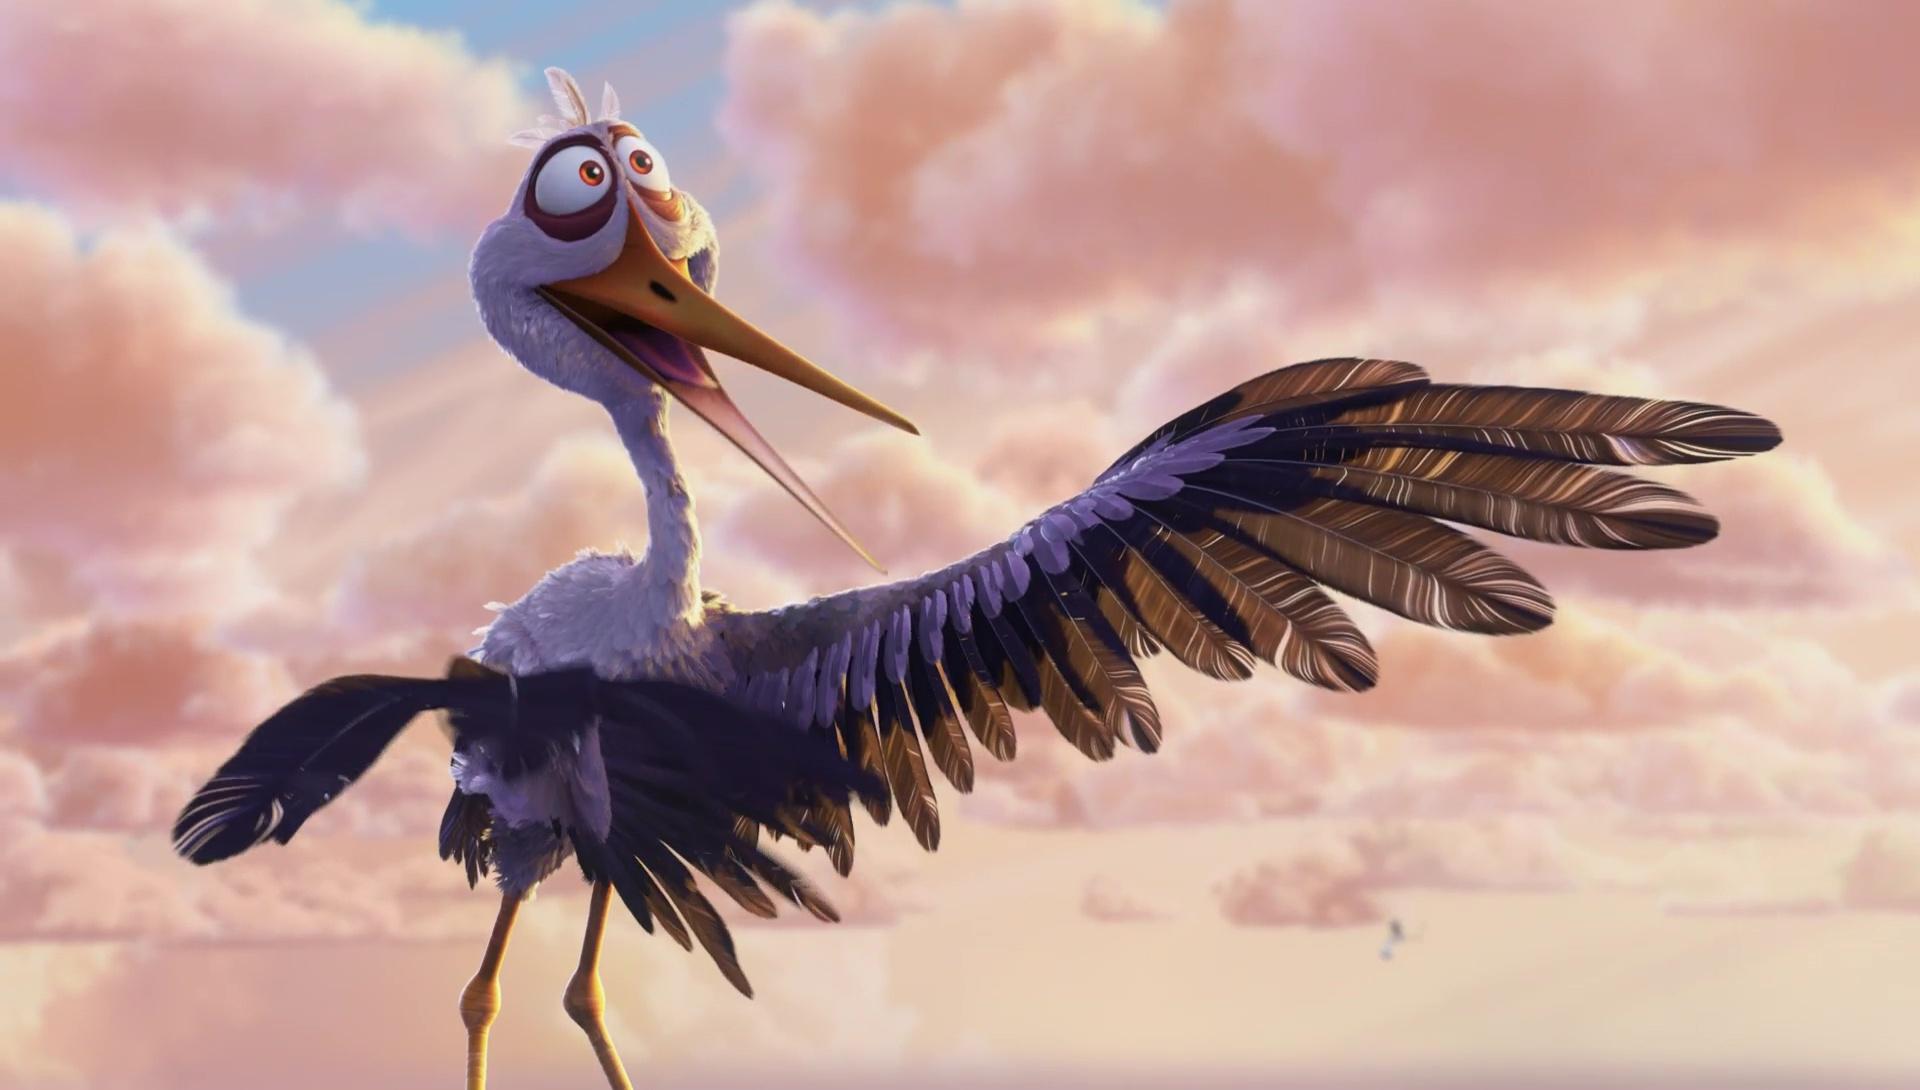 peck-personnage-passage-nuageux-04